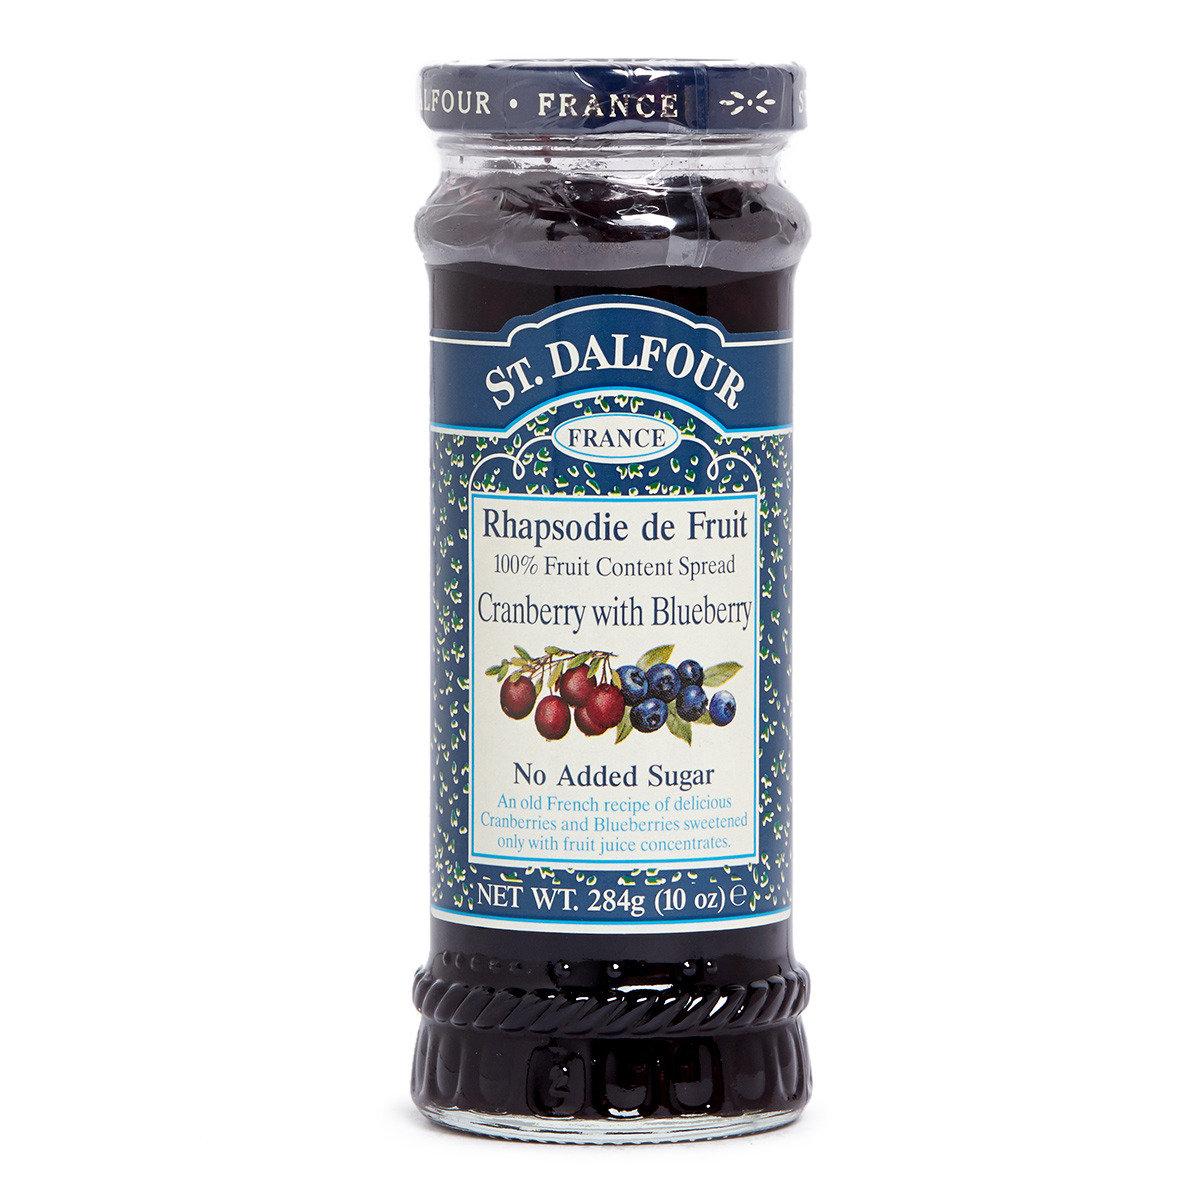 天然紅莓藍莓果醬